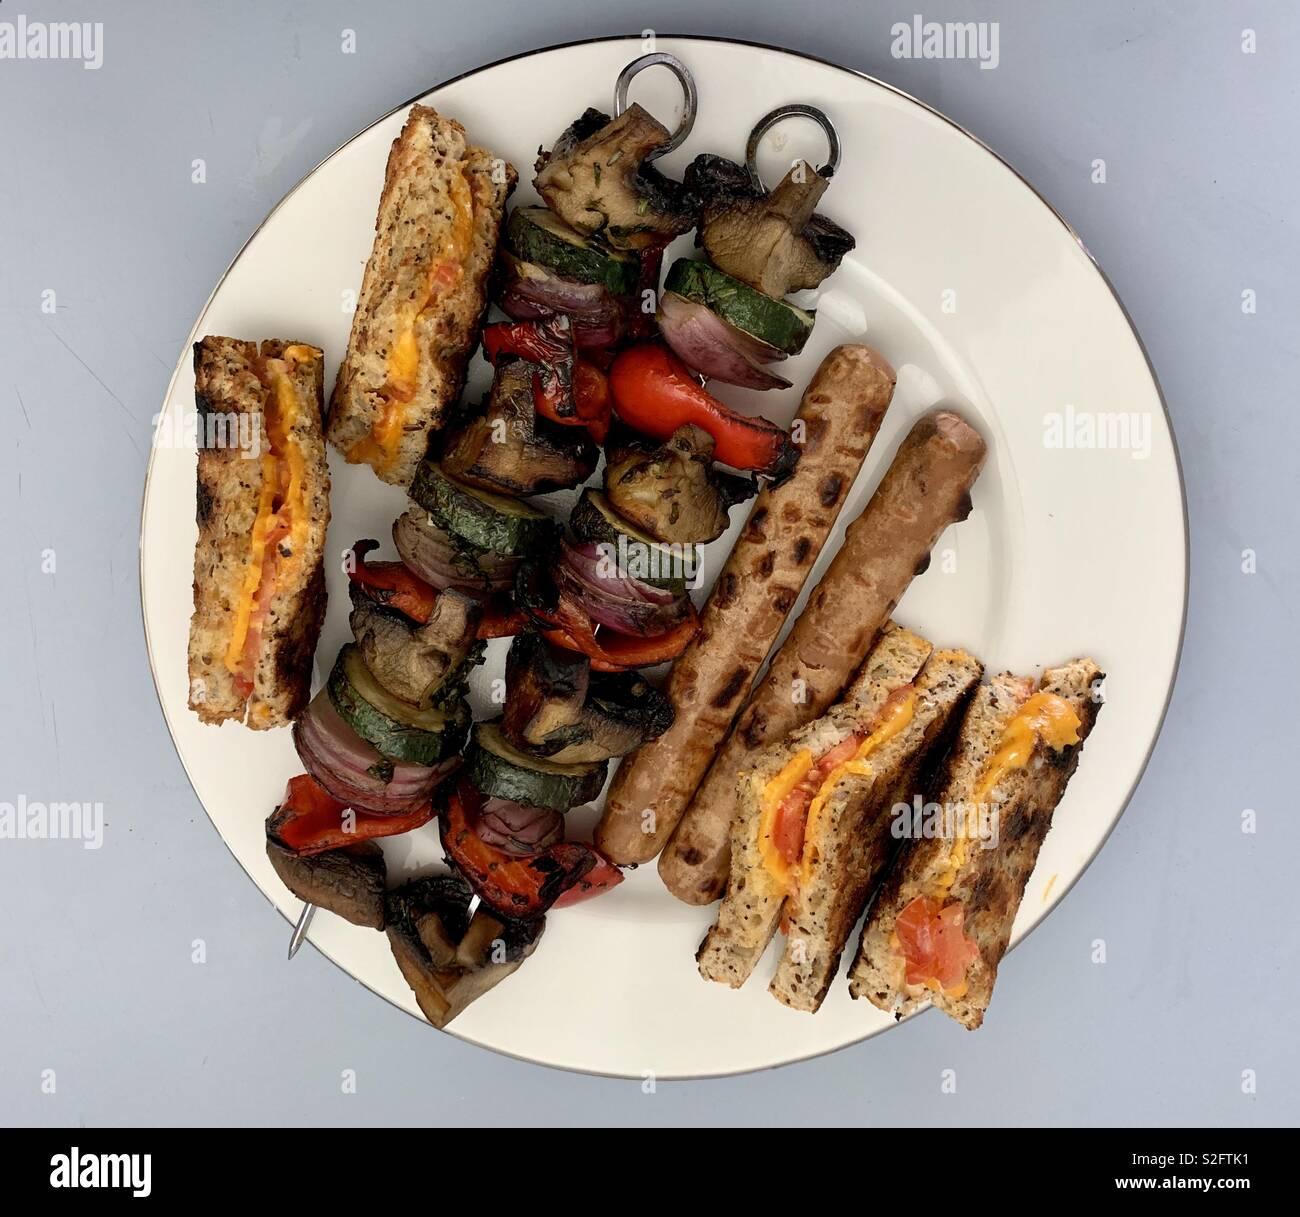 Vegano delizia BBQ. Foto Stock